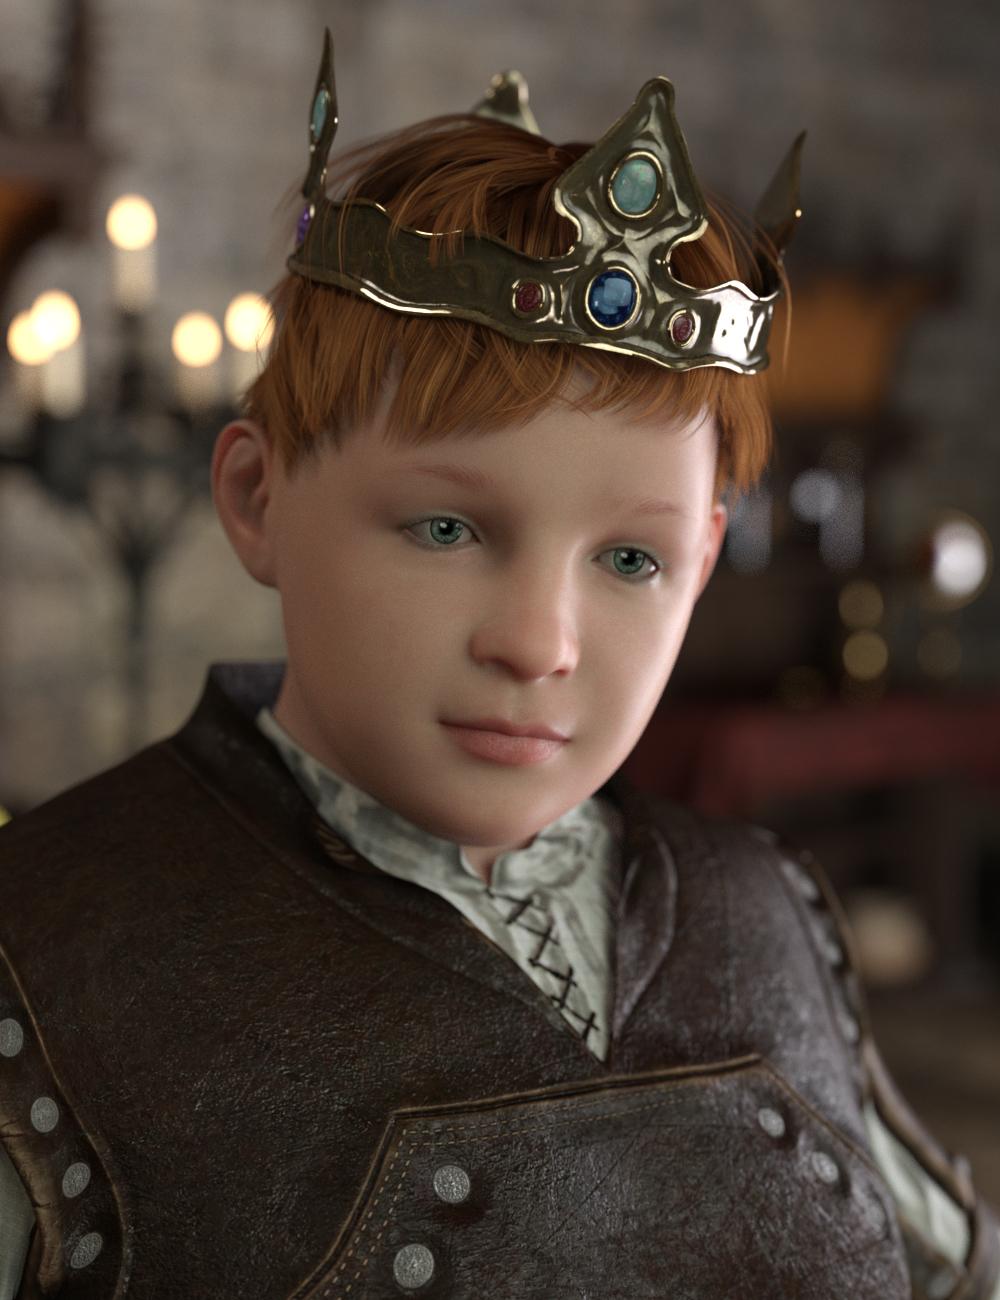 The King's Son HD for Genesis 8 Male by: Deepsea, 3D Models by Daz 3D